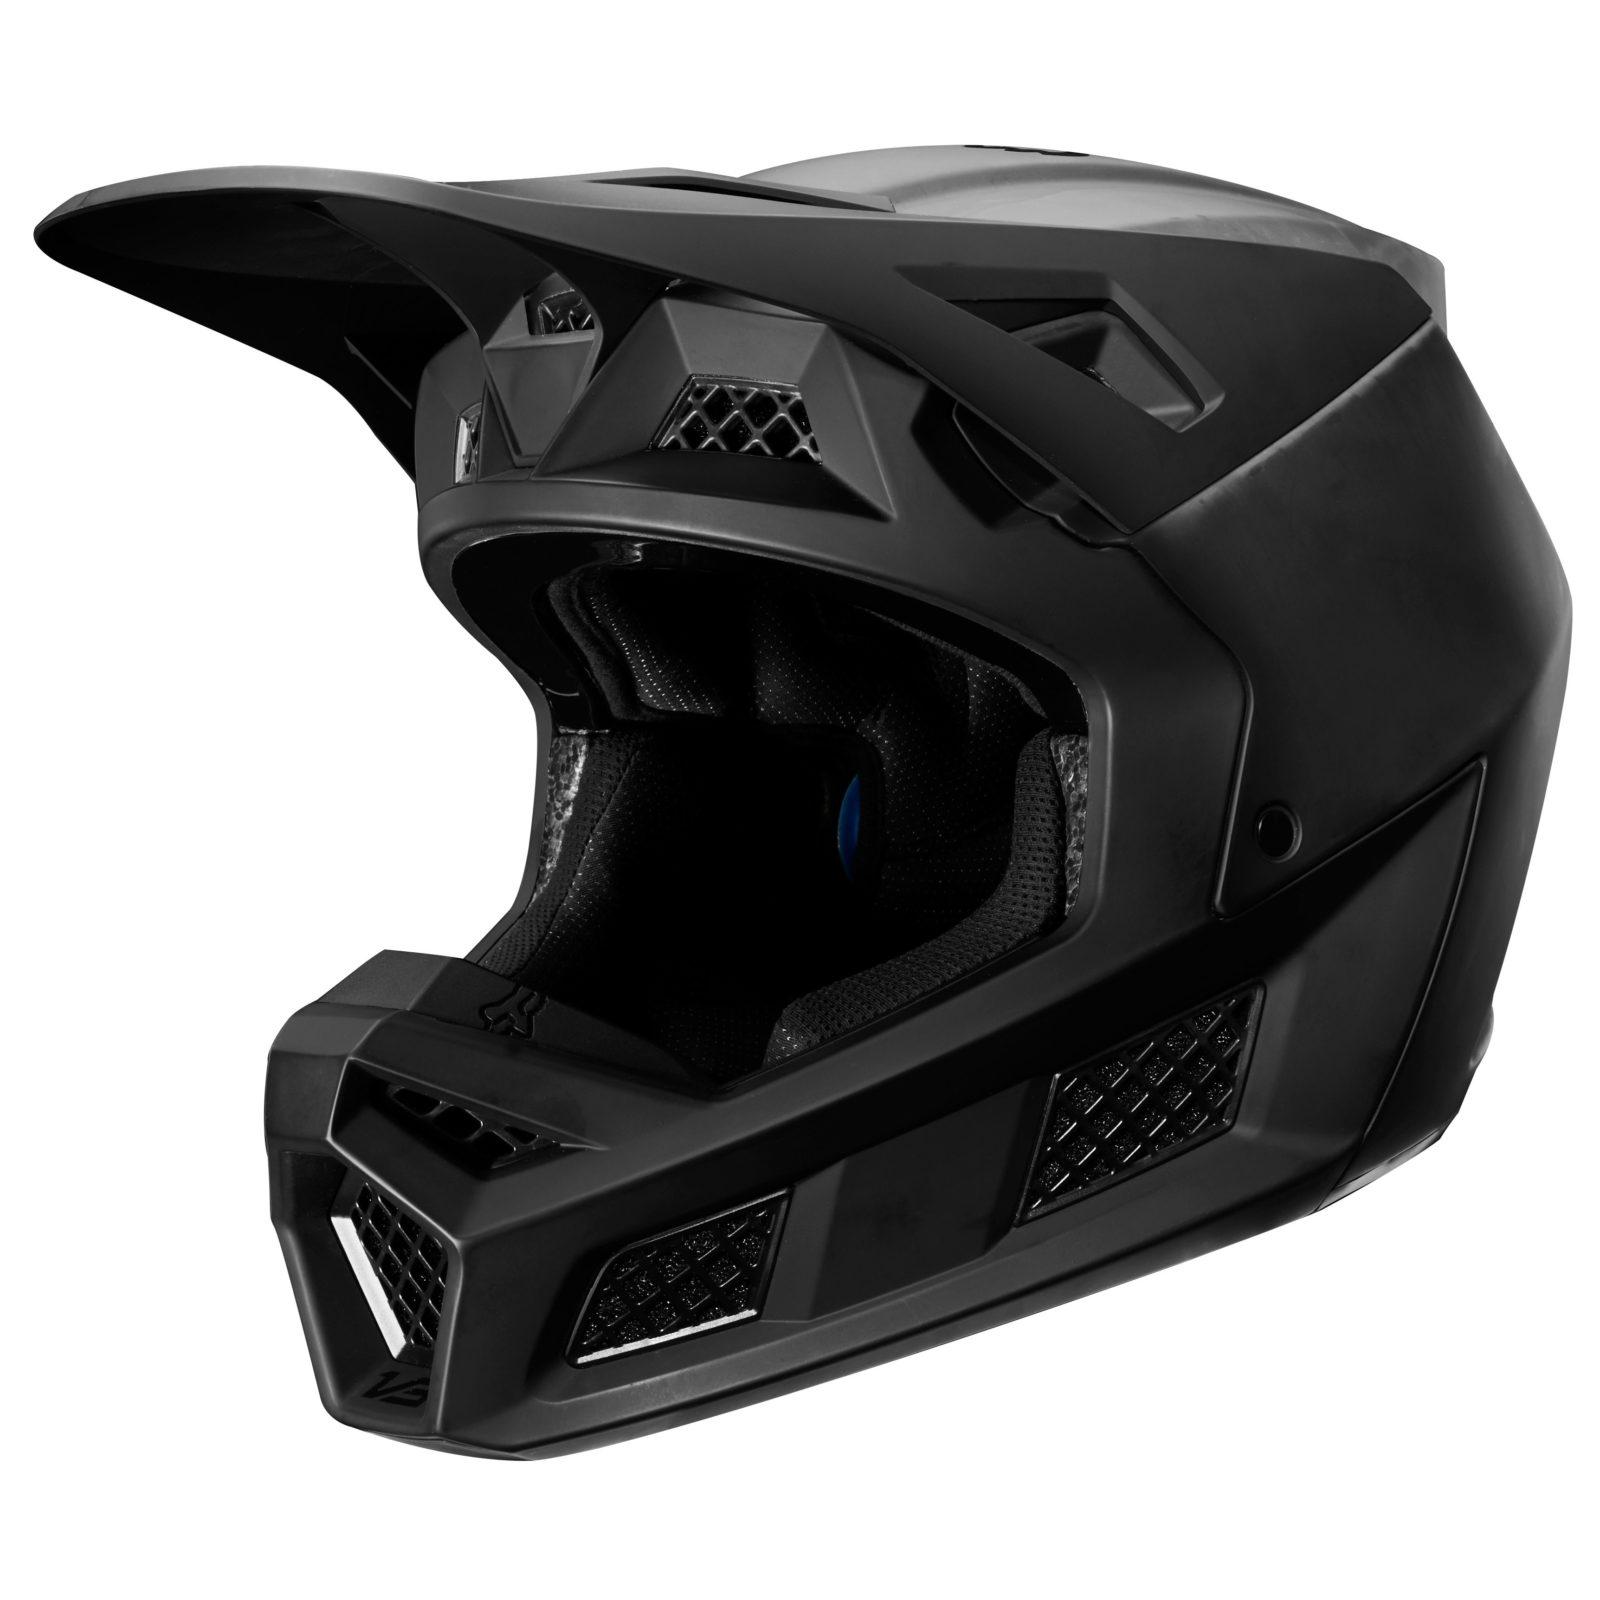 Le casque Fox Racing V3: la technologie au service de la performance !